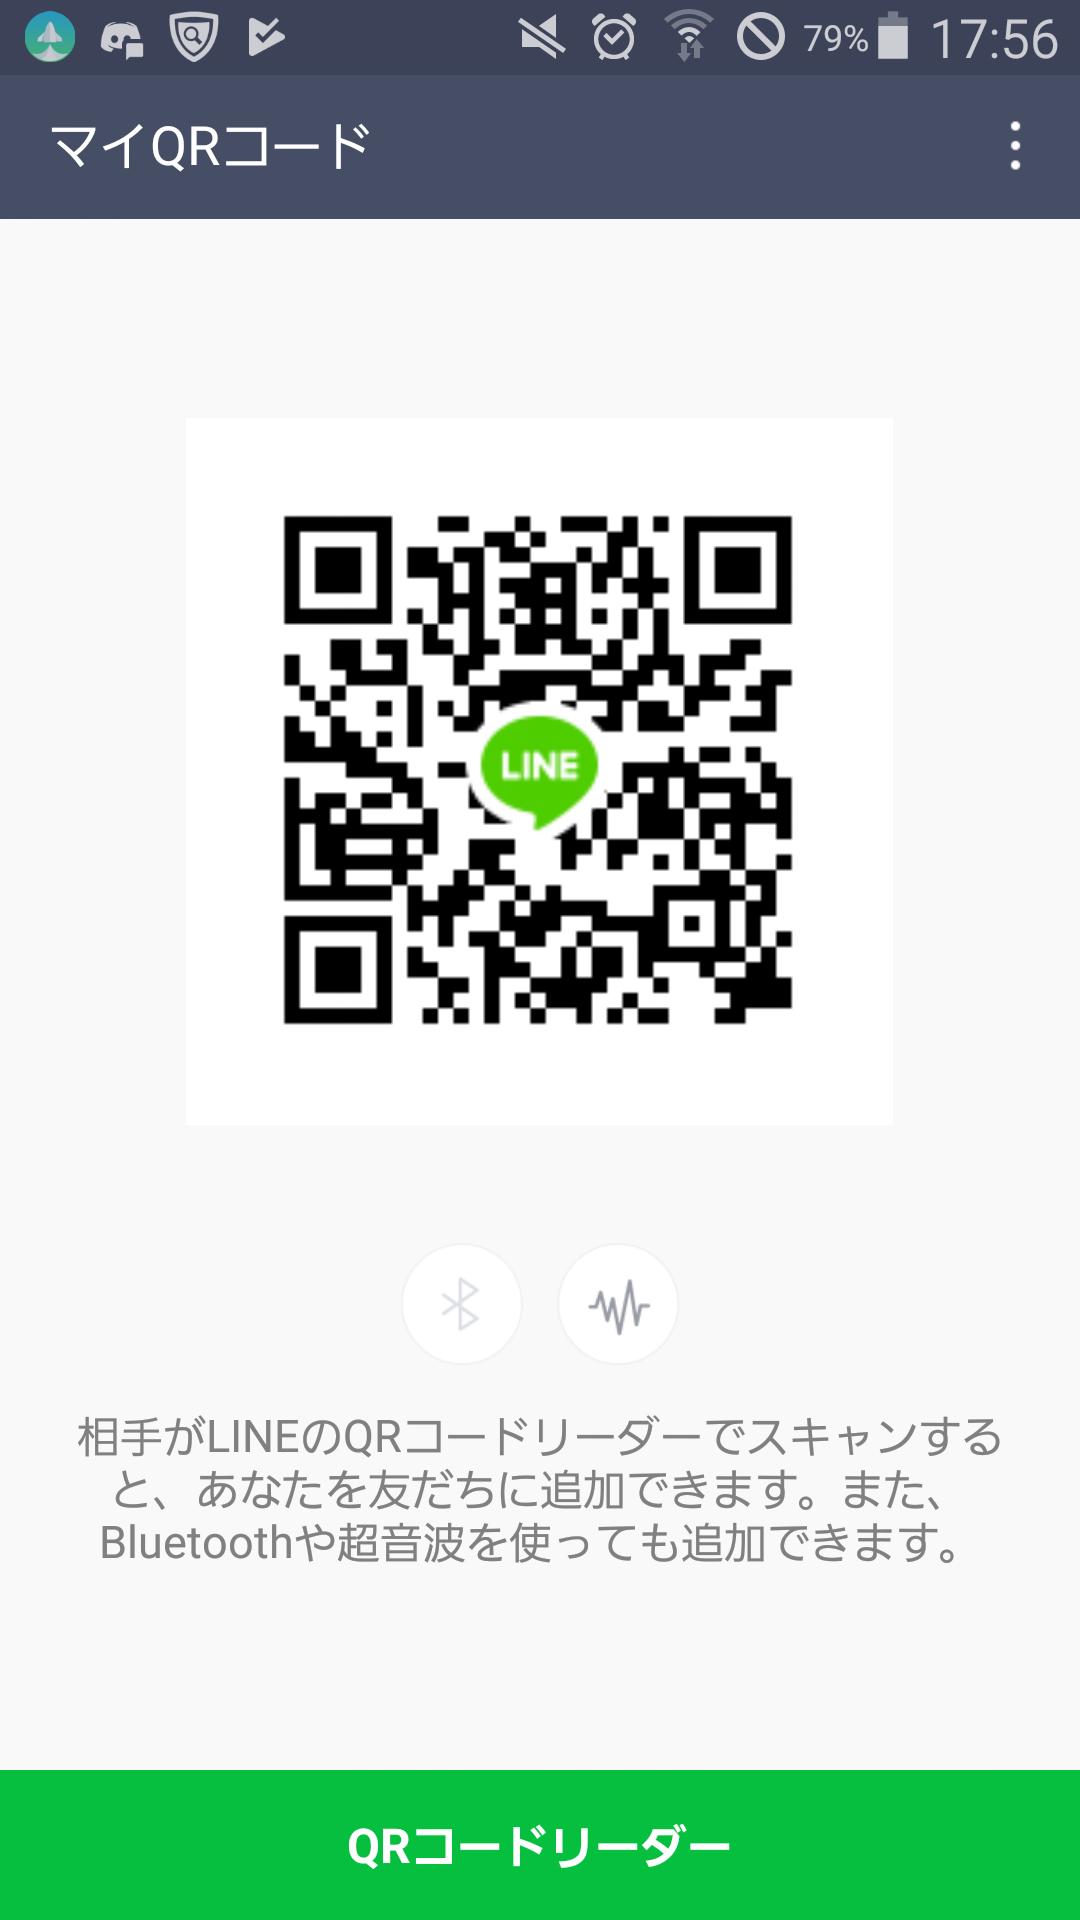 にーむらさんのLINE QRコード